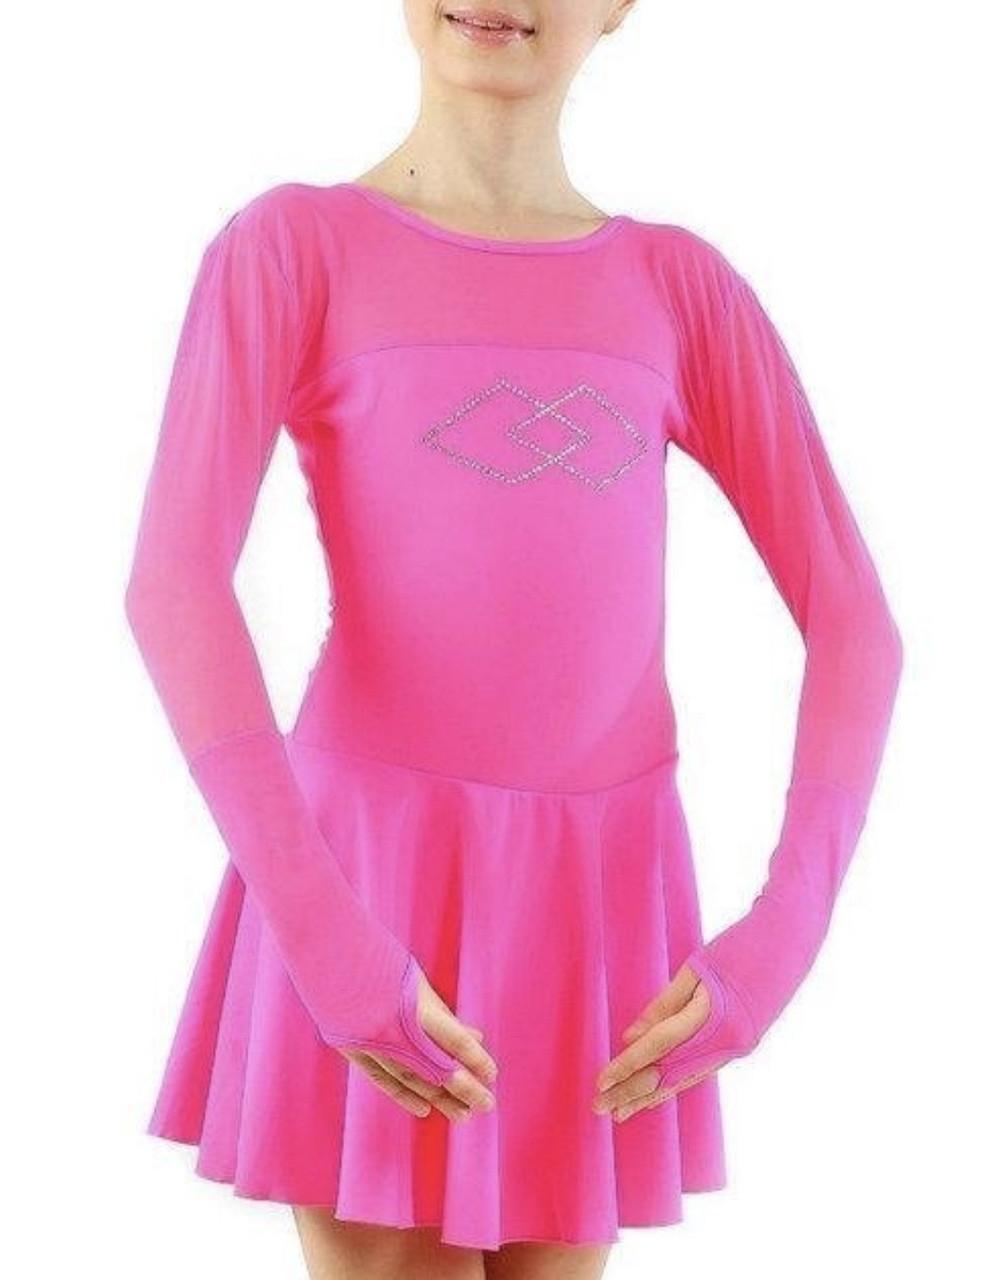 Боди для танцев, гимнастики с юбкой для балета,хореографии малиновый